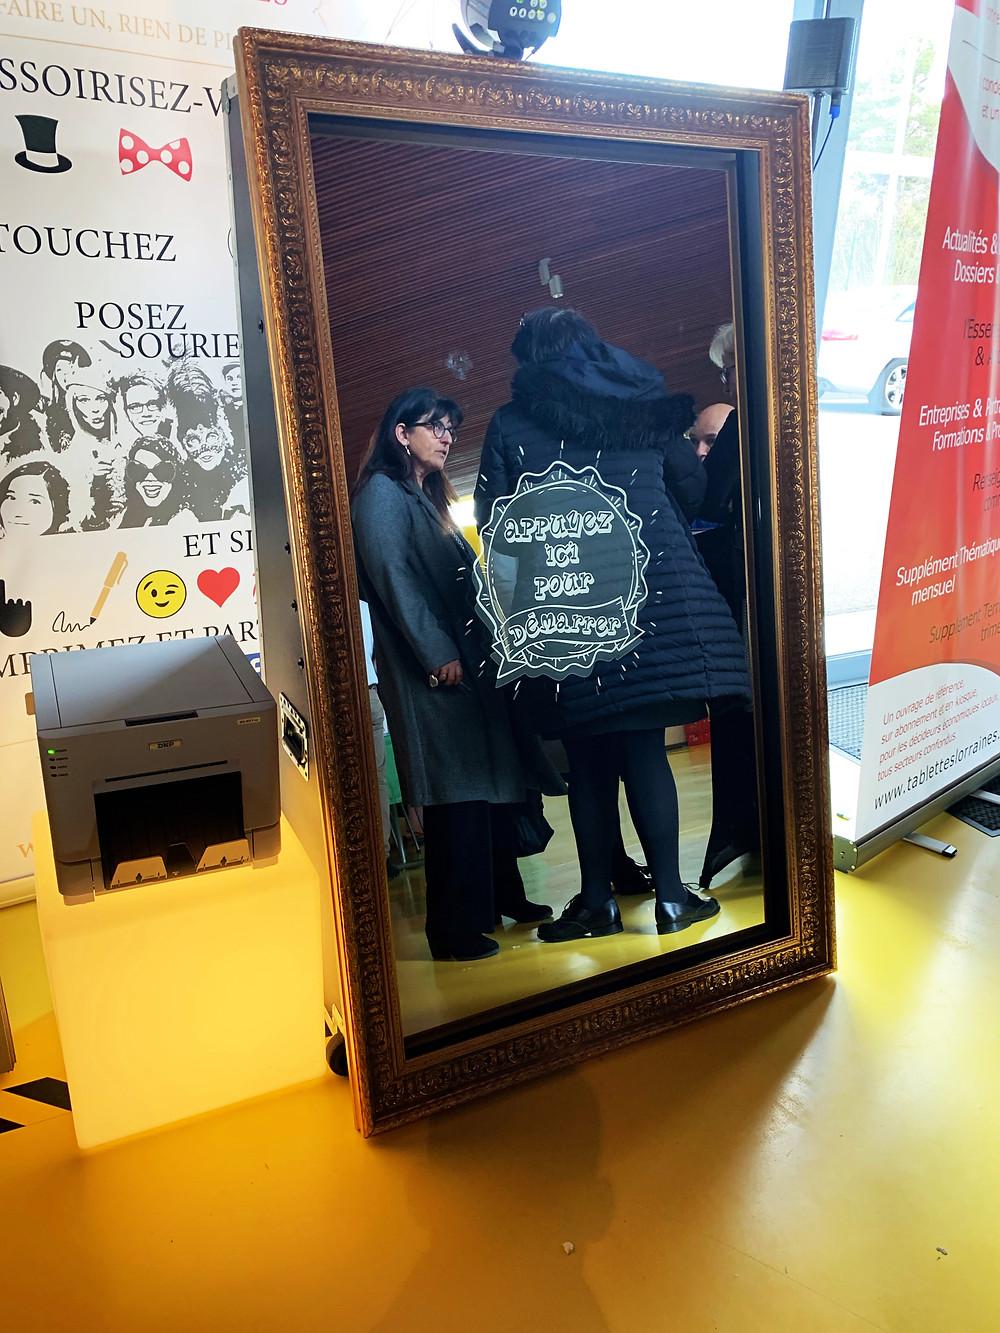 Pour en savoir plus sur les miroirs à selfies de Limitless Event, cliquez sur la photo.